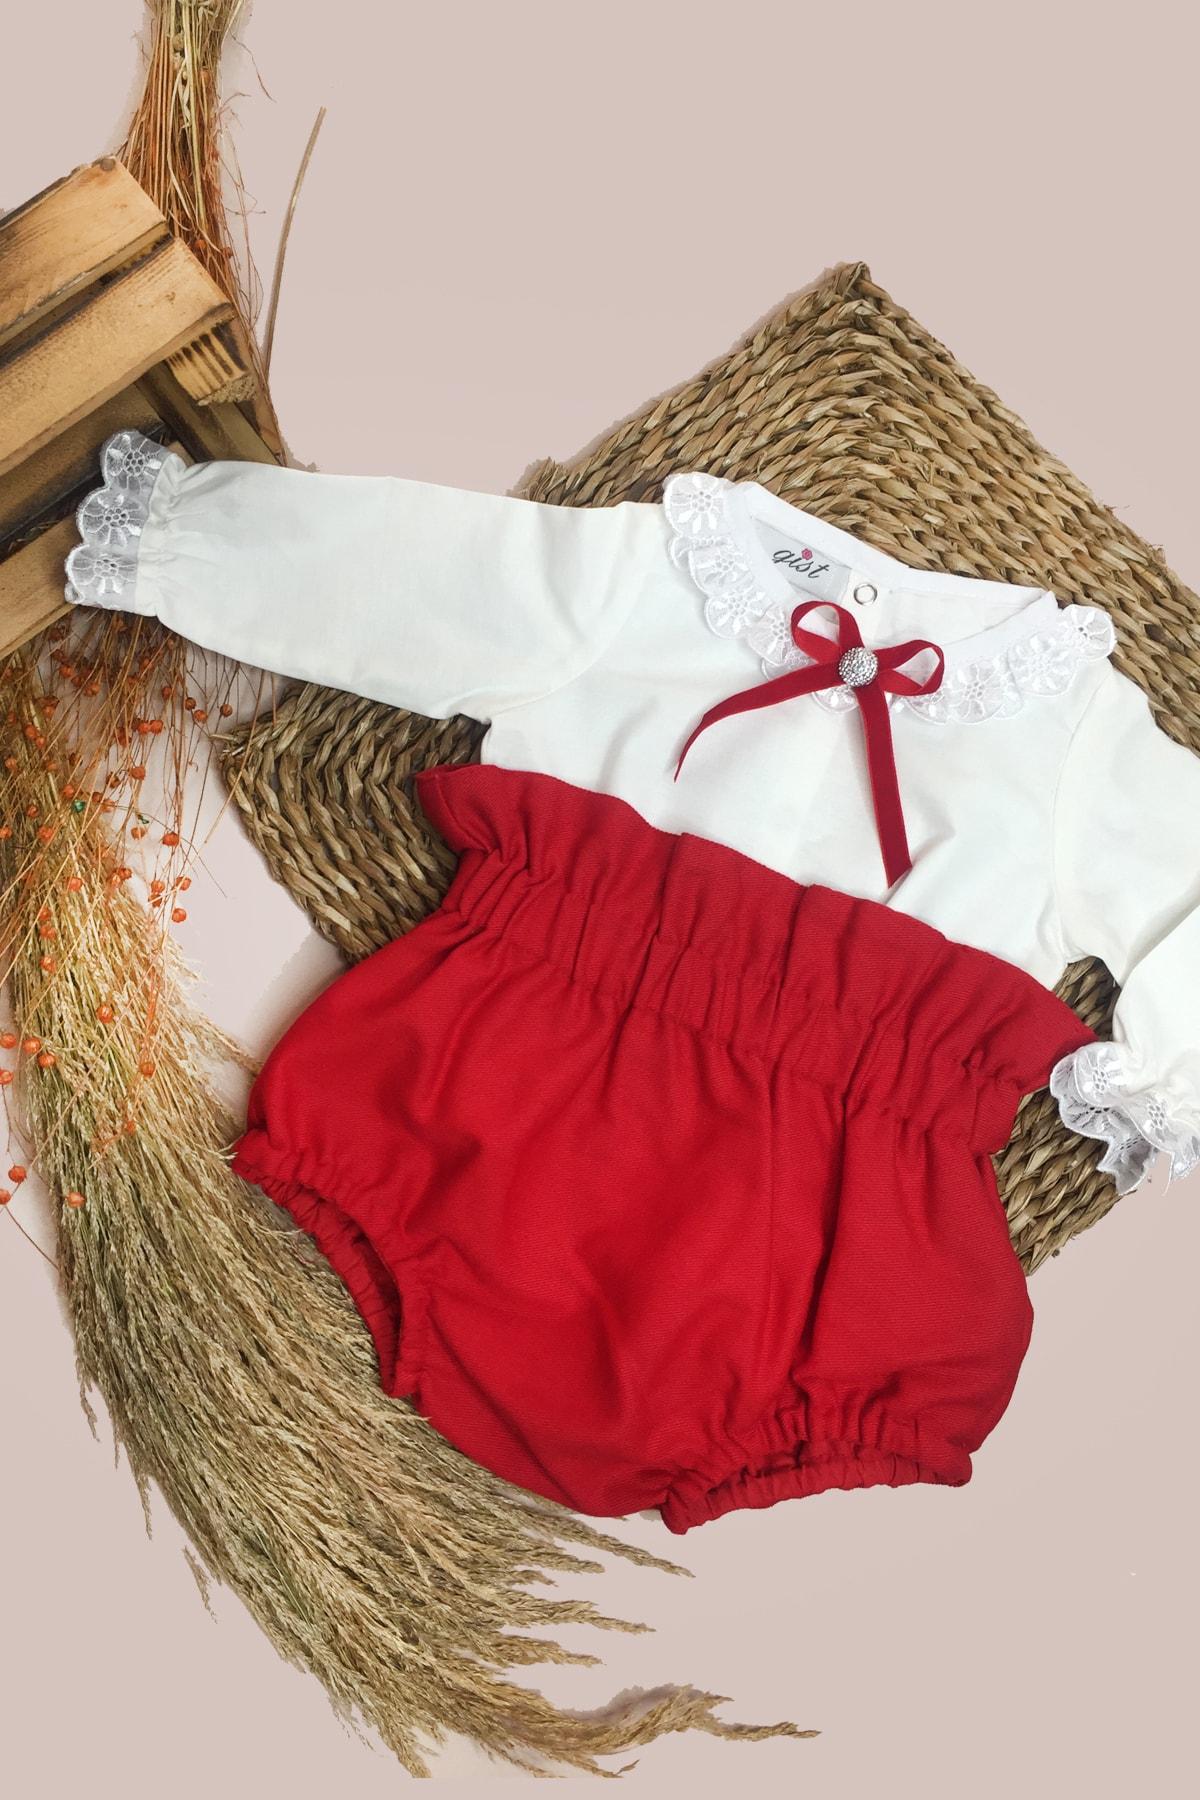 GİST Kız Bebek Kırmızı Gabardin Romper Beyaz Yakası Kolları Dantel Detaylı Bluz Takım 1